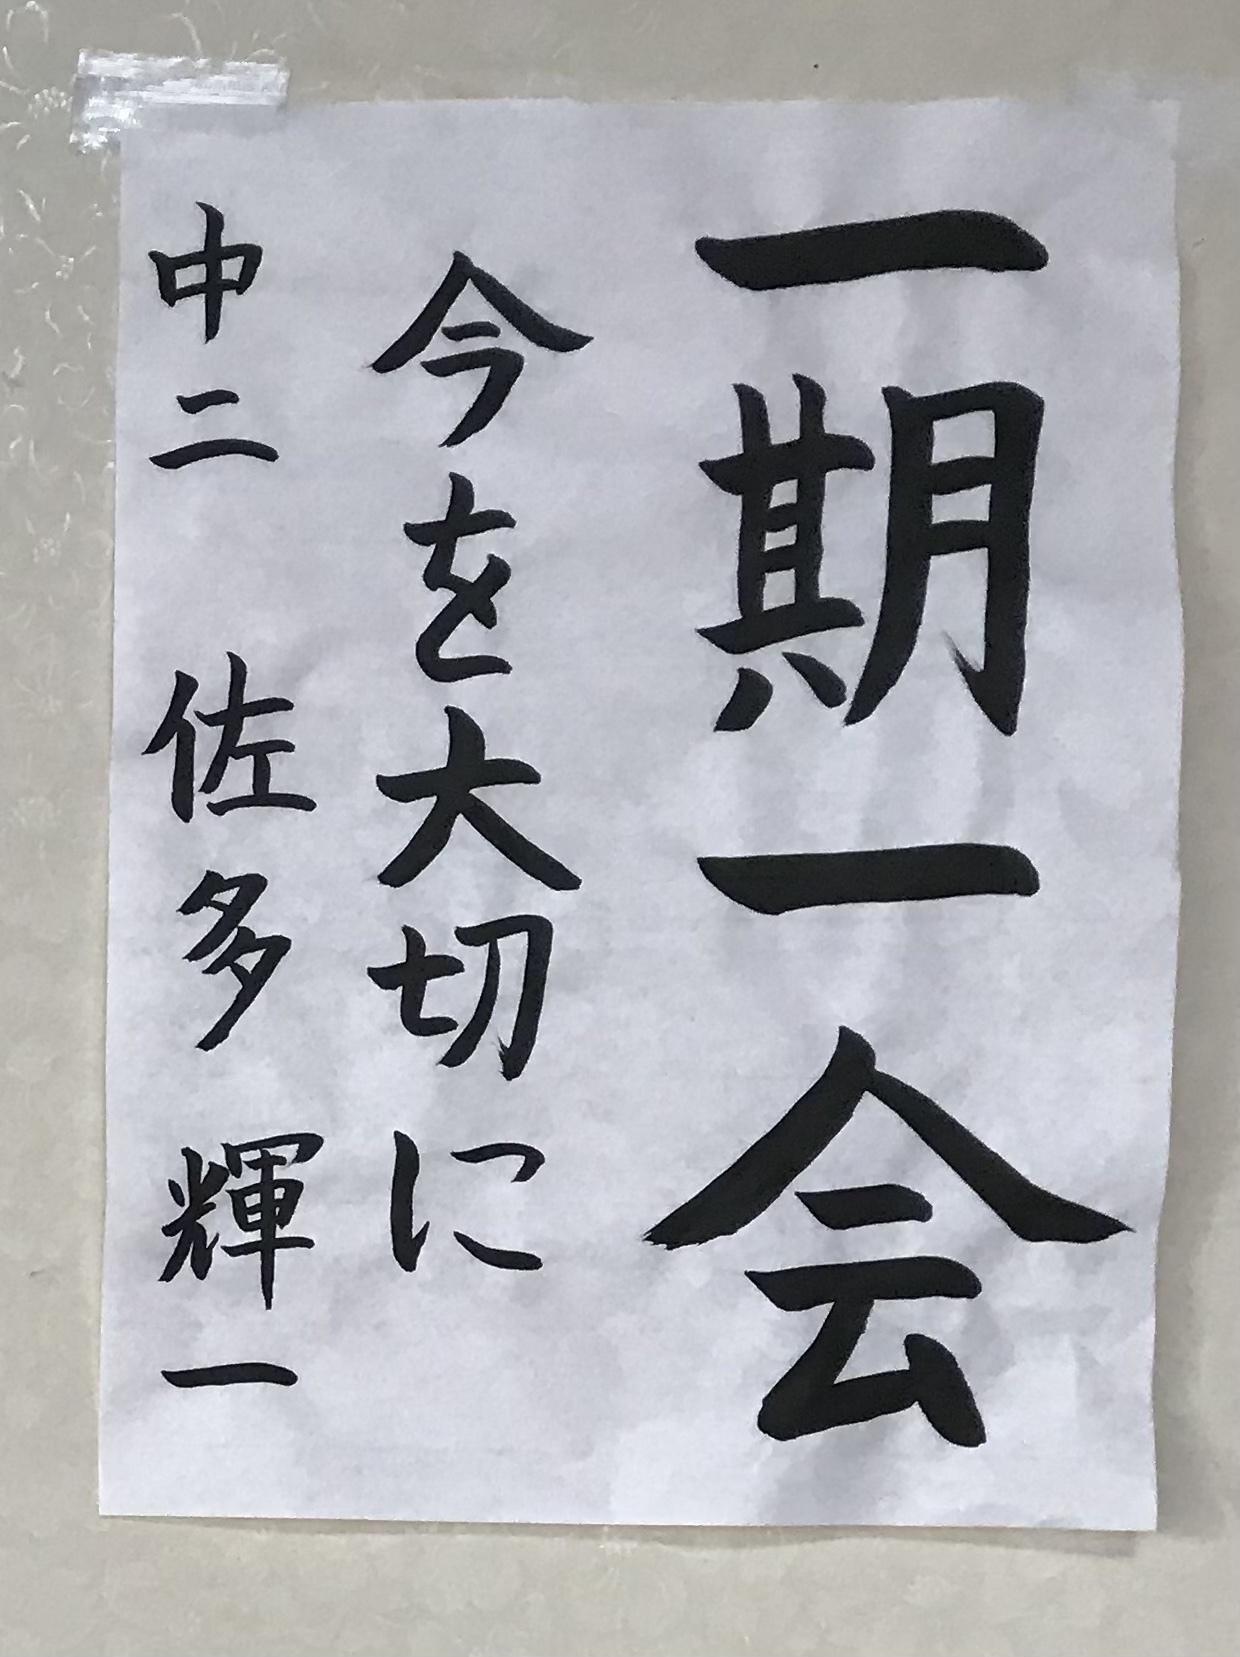 恵風会書道教室 好きな言葉を書きました。中学生_d0168831_17280538.jpeg